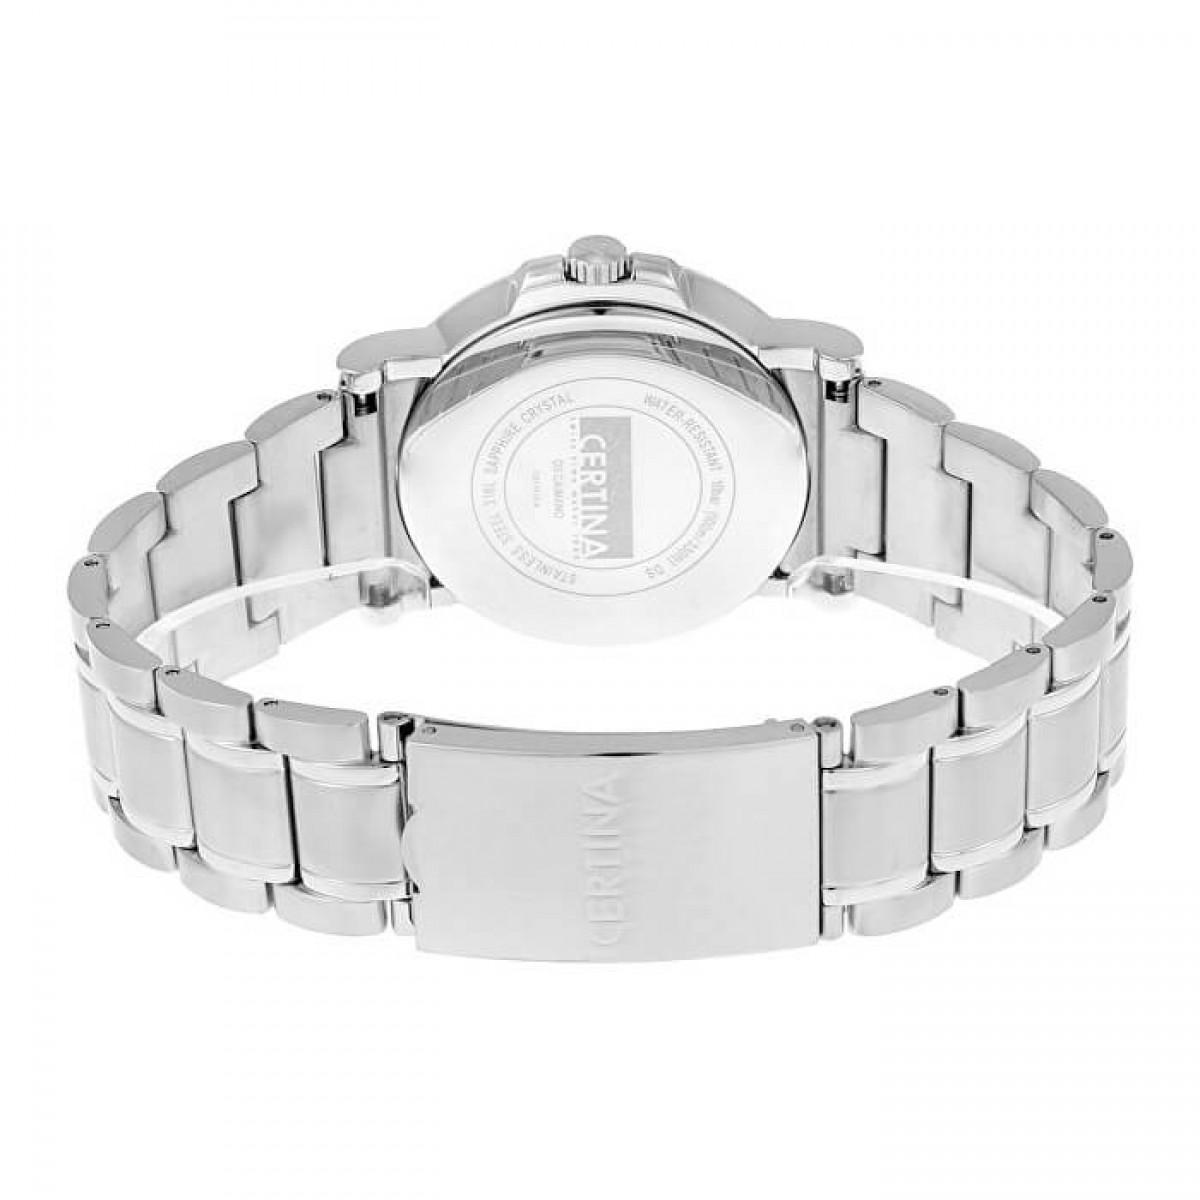 Часовник Certina C017.410.11.057.00